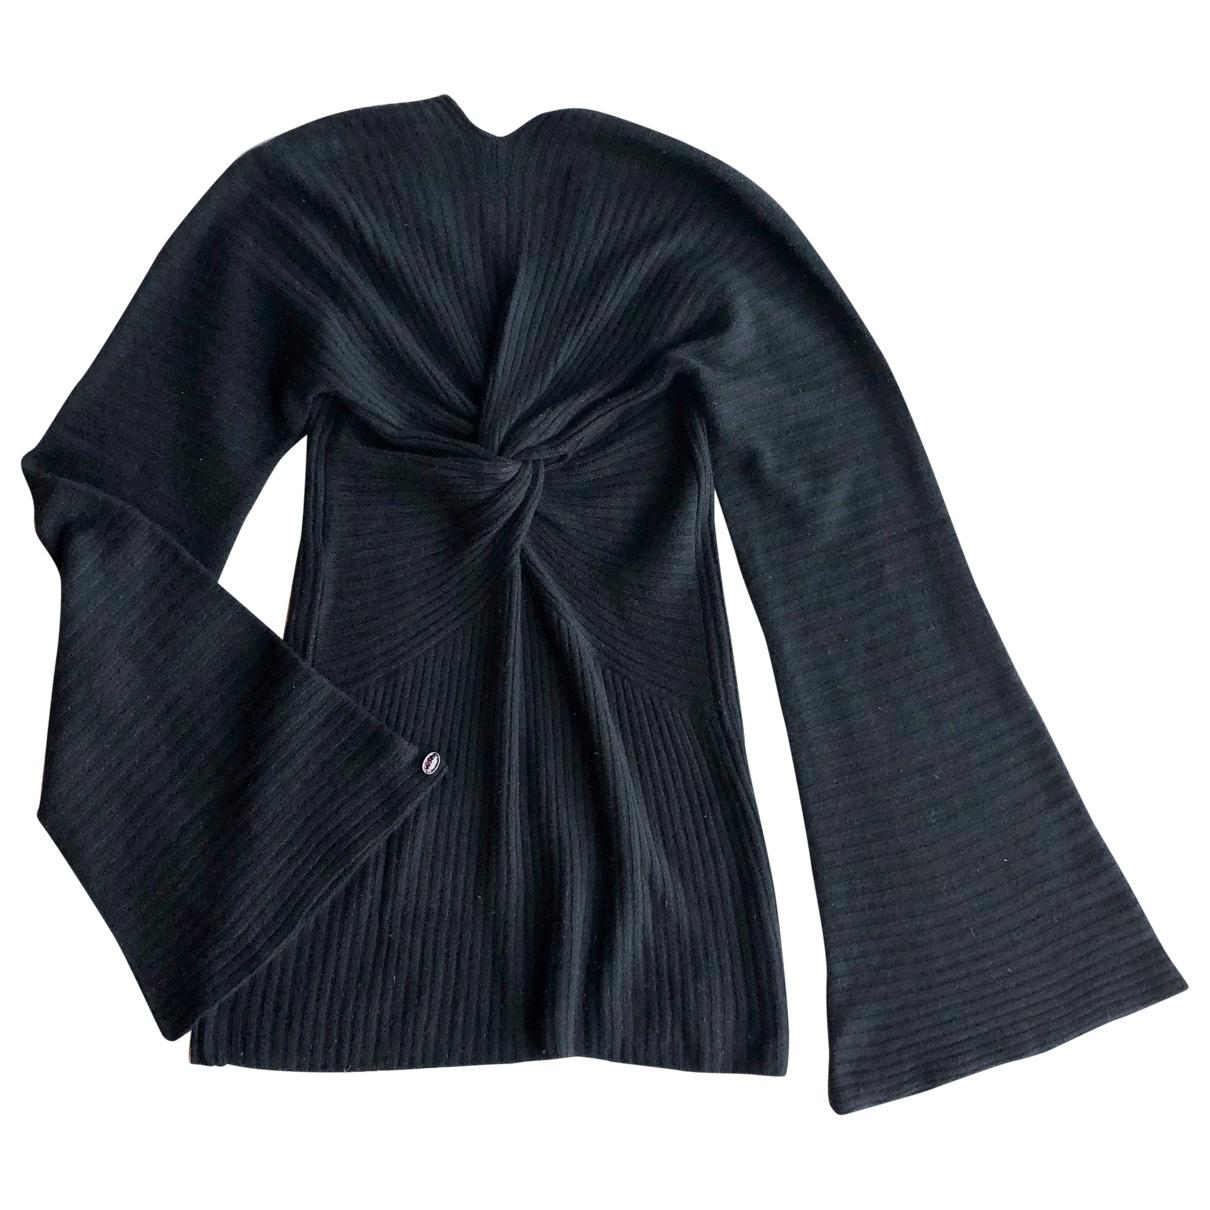 Chanel - Pull   pour femme en cachemire - noir